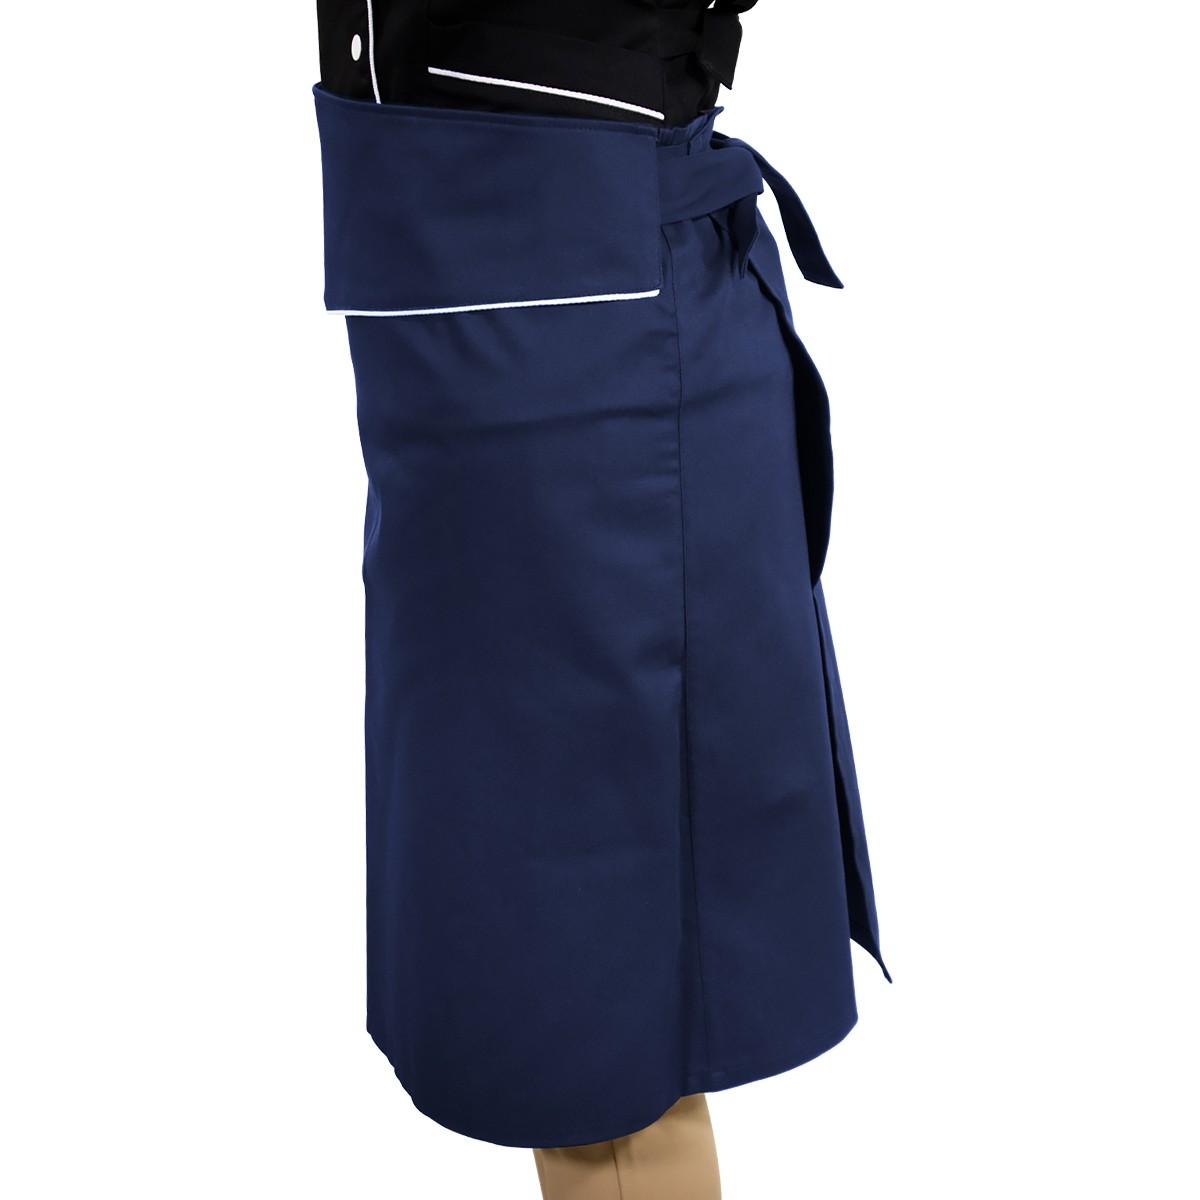 Avental de Cintura Tipo Saia Chef de Cozinha Azul Blueberry